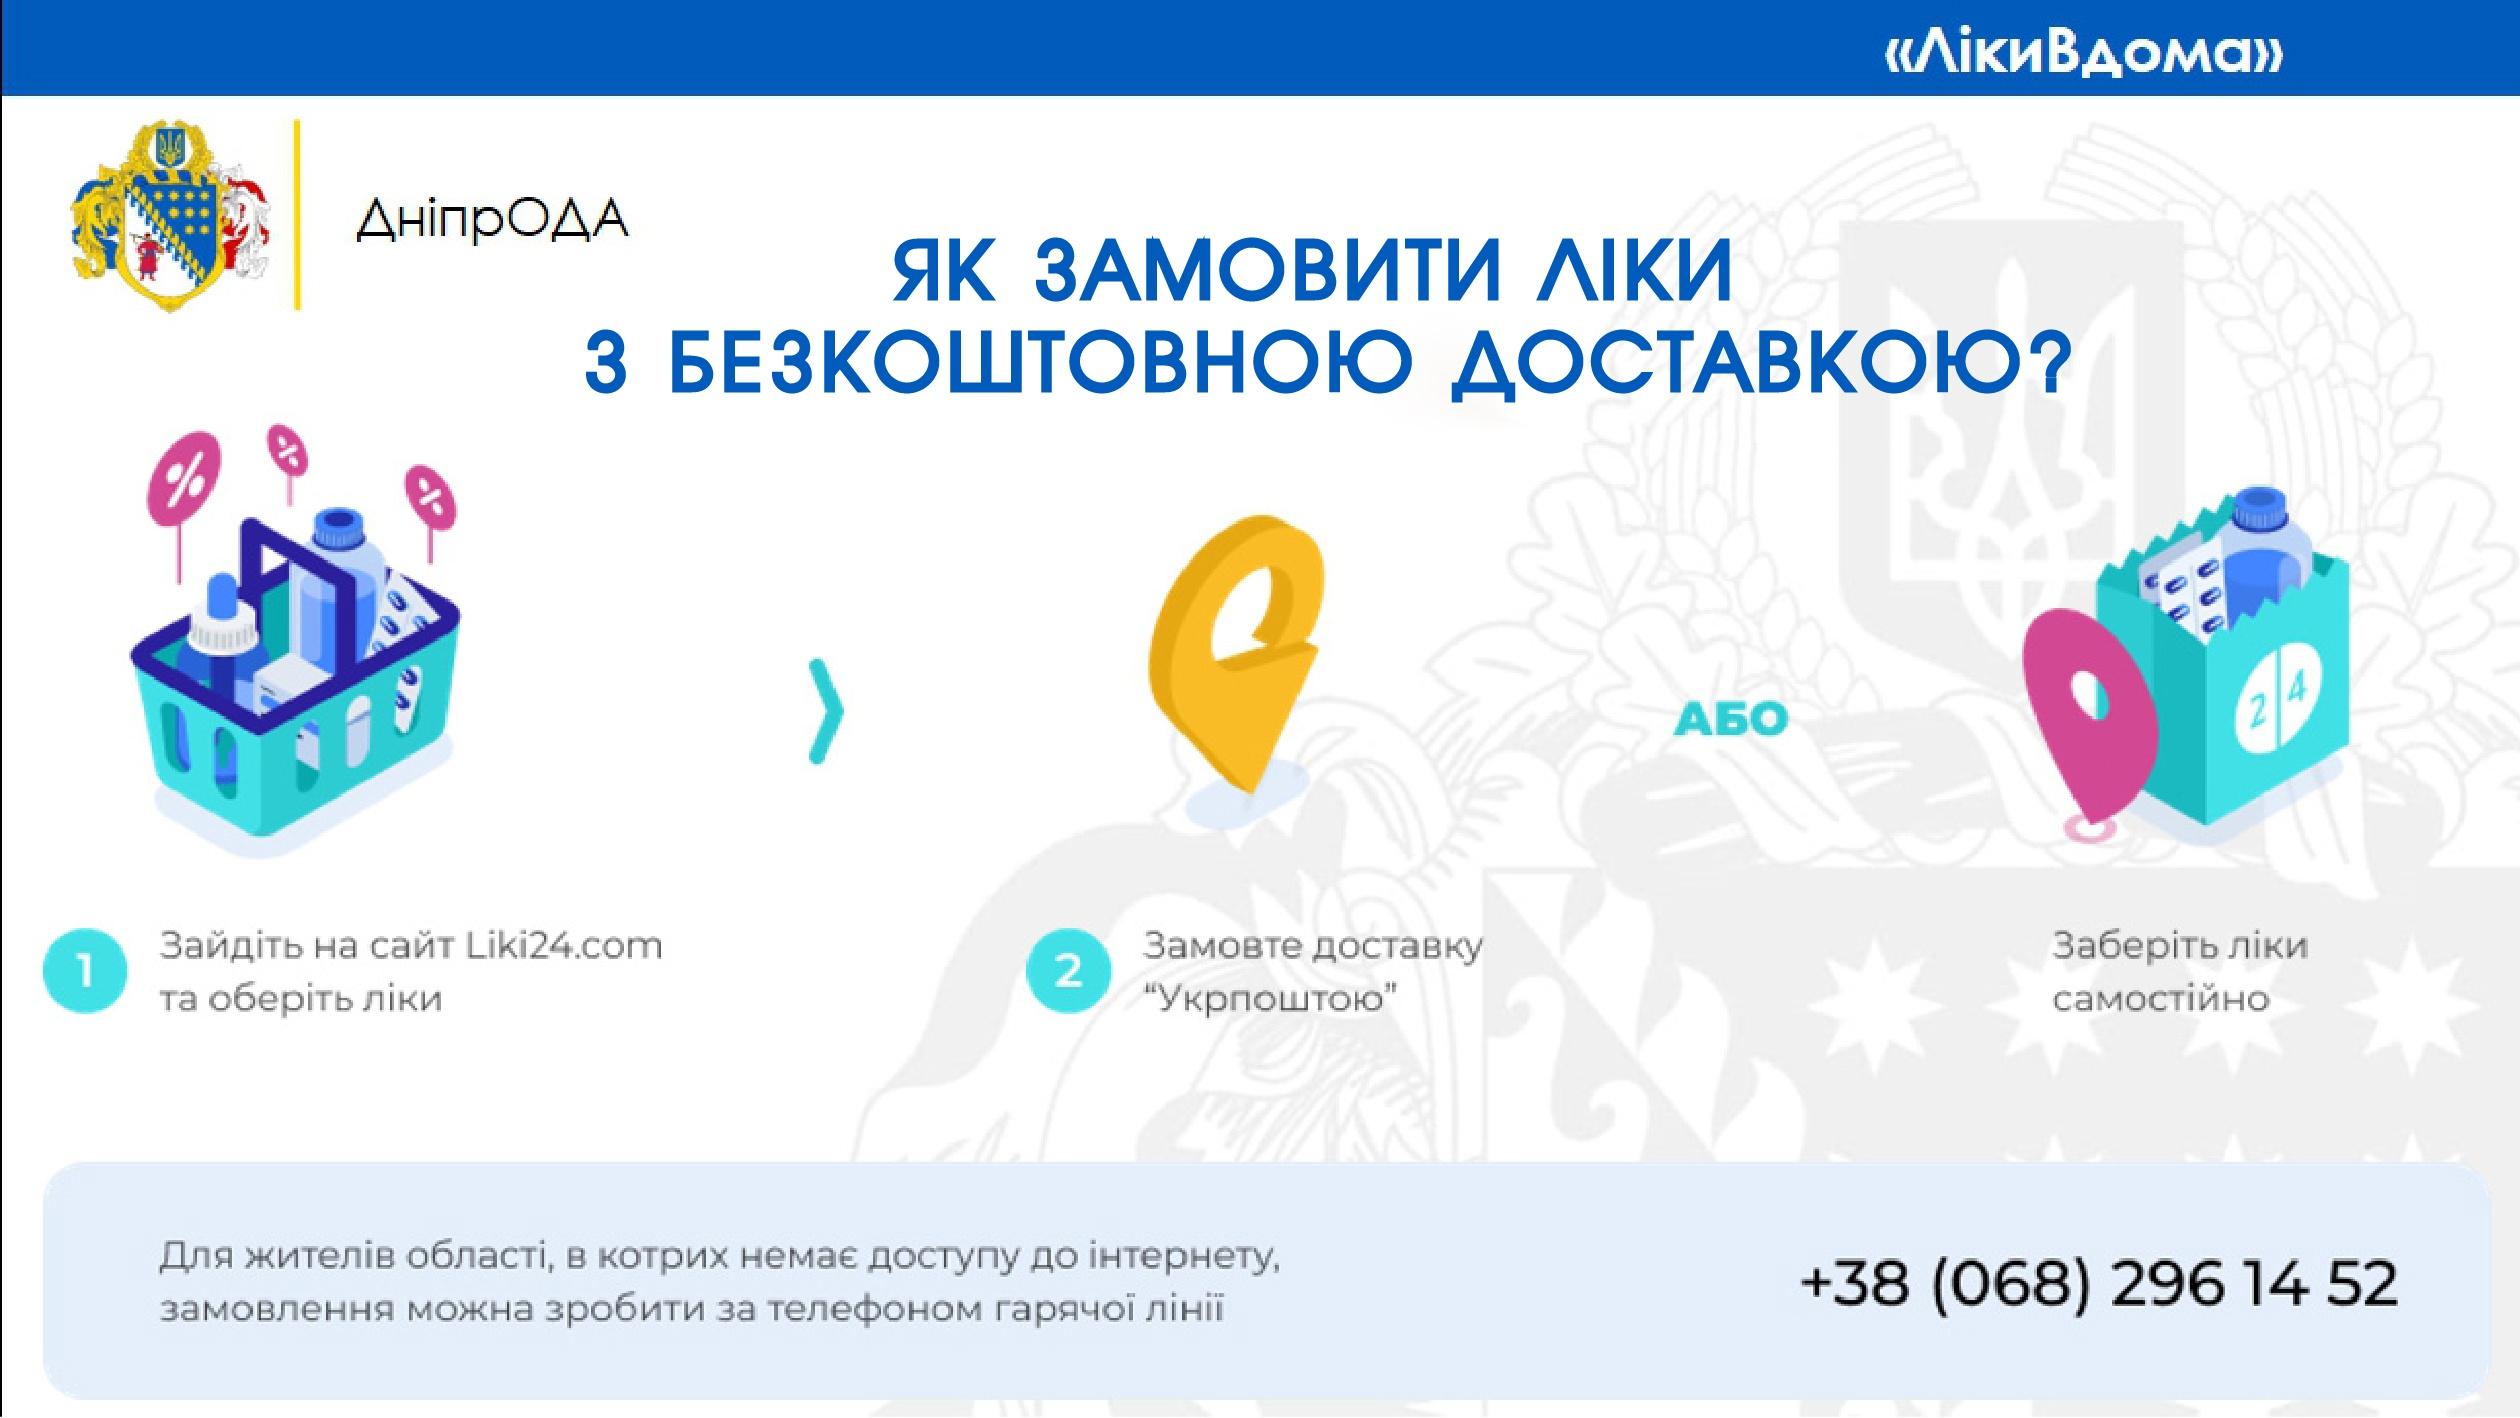 Мешканці Дніпропетровщини можуть замовити безкоштовну доставку ліків (КОРИСНО)